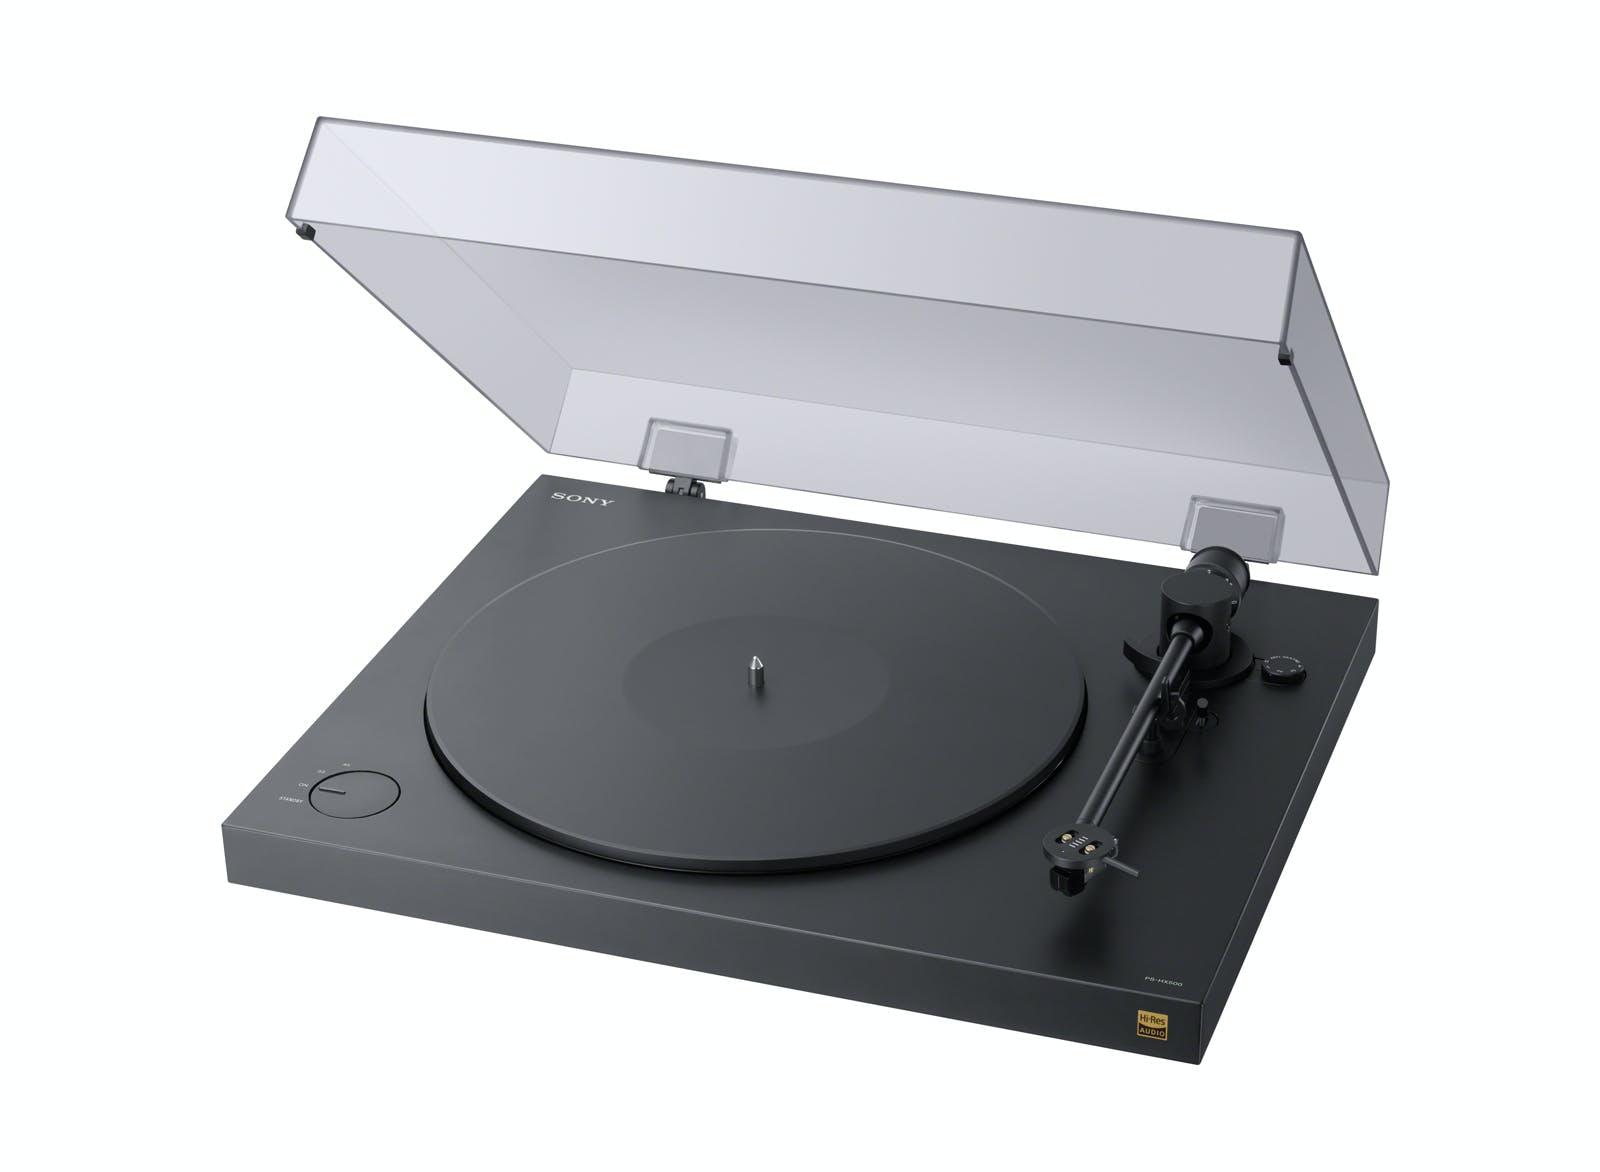 Sony PSHX500 audio turntables